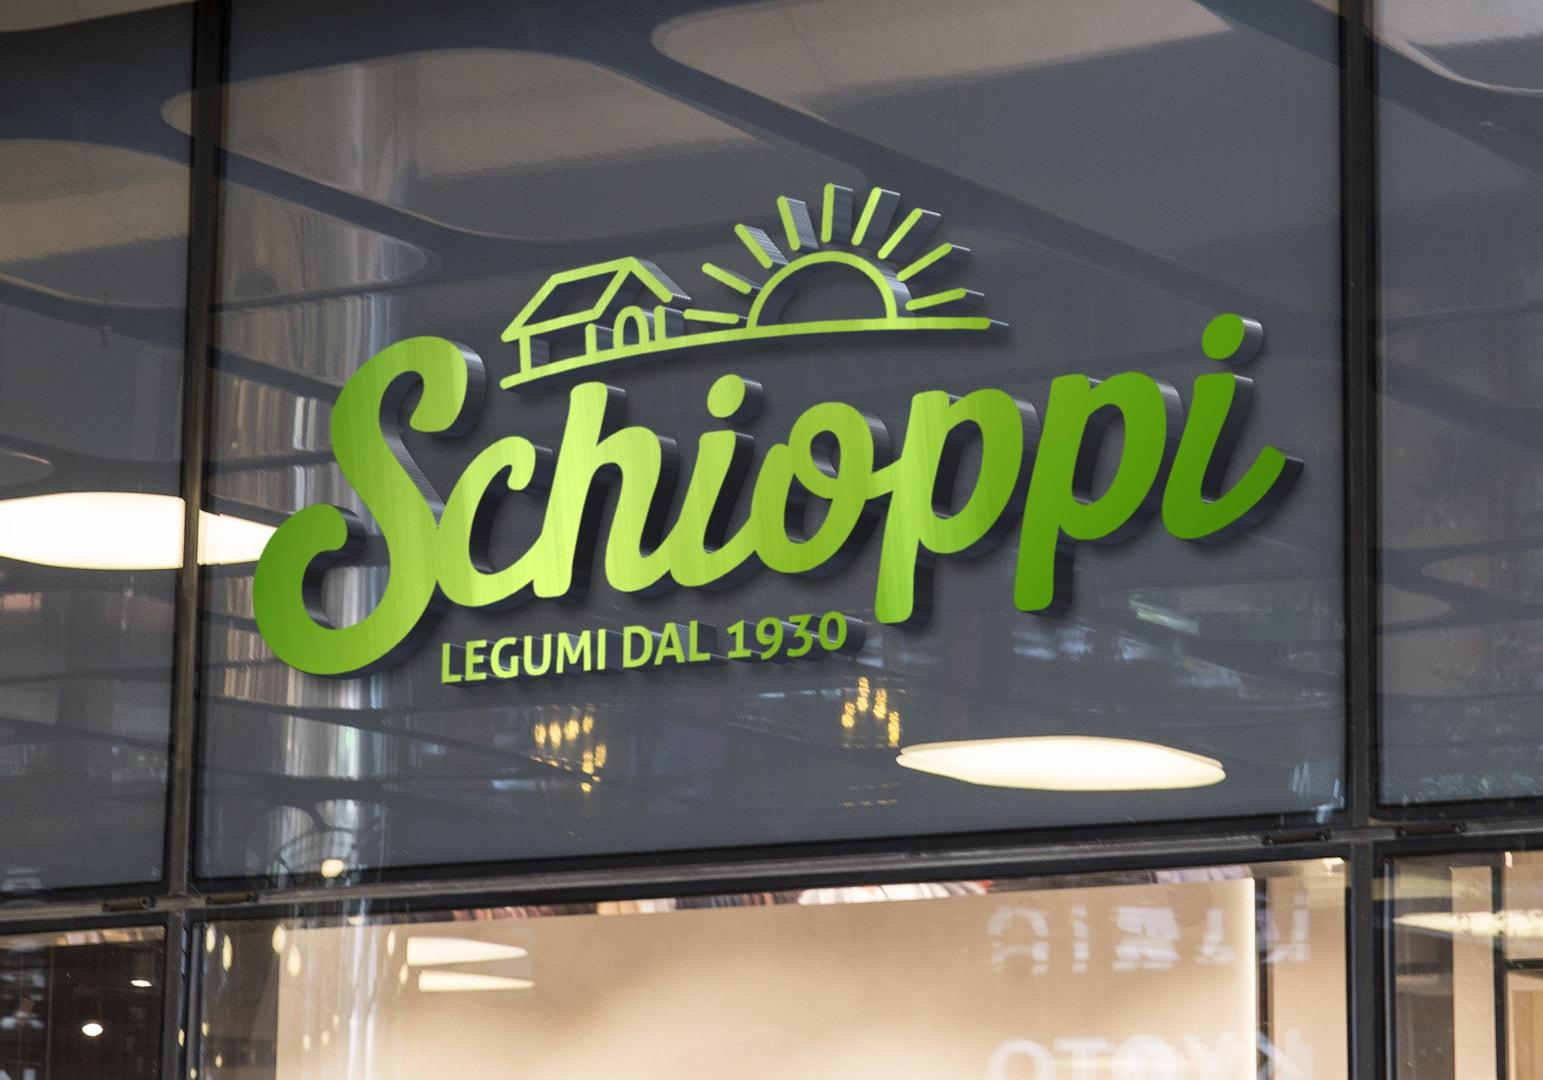 Schioppi Legumi - Design by DelfiAdv